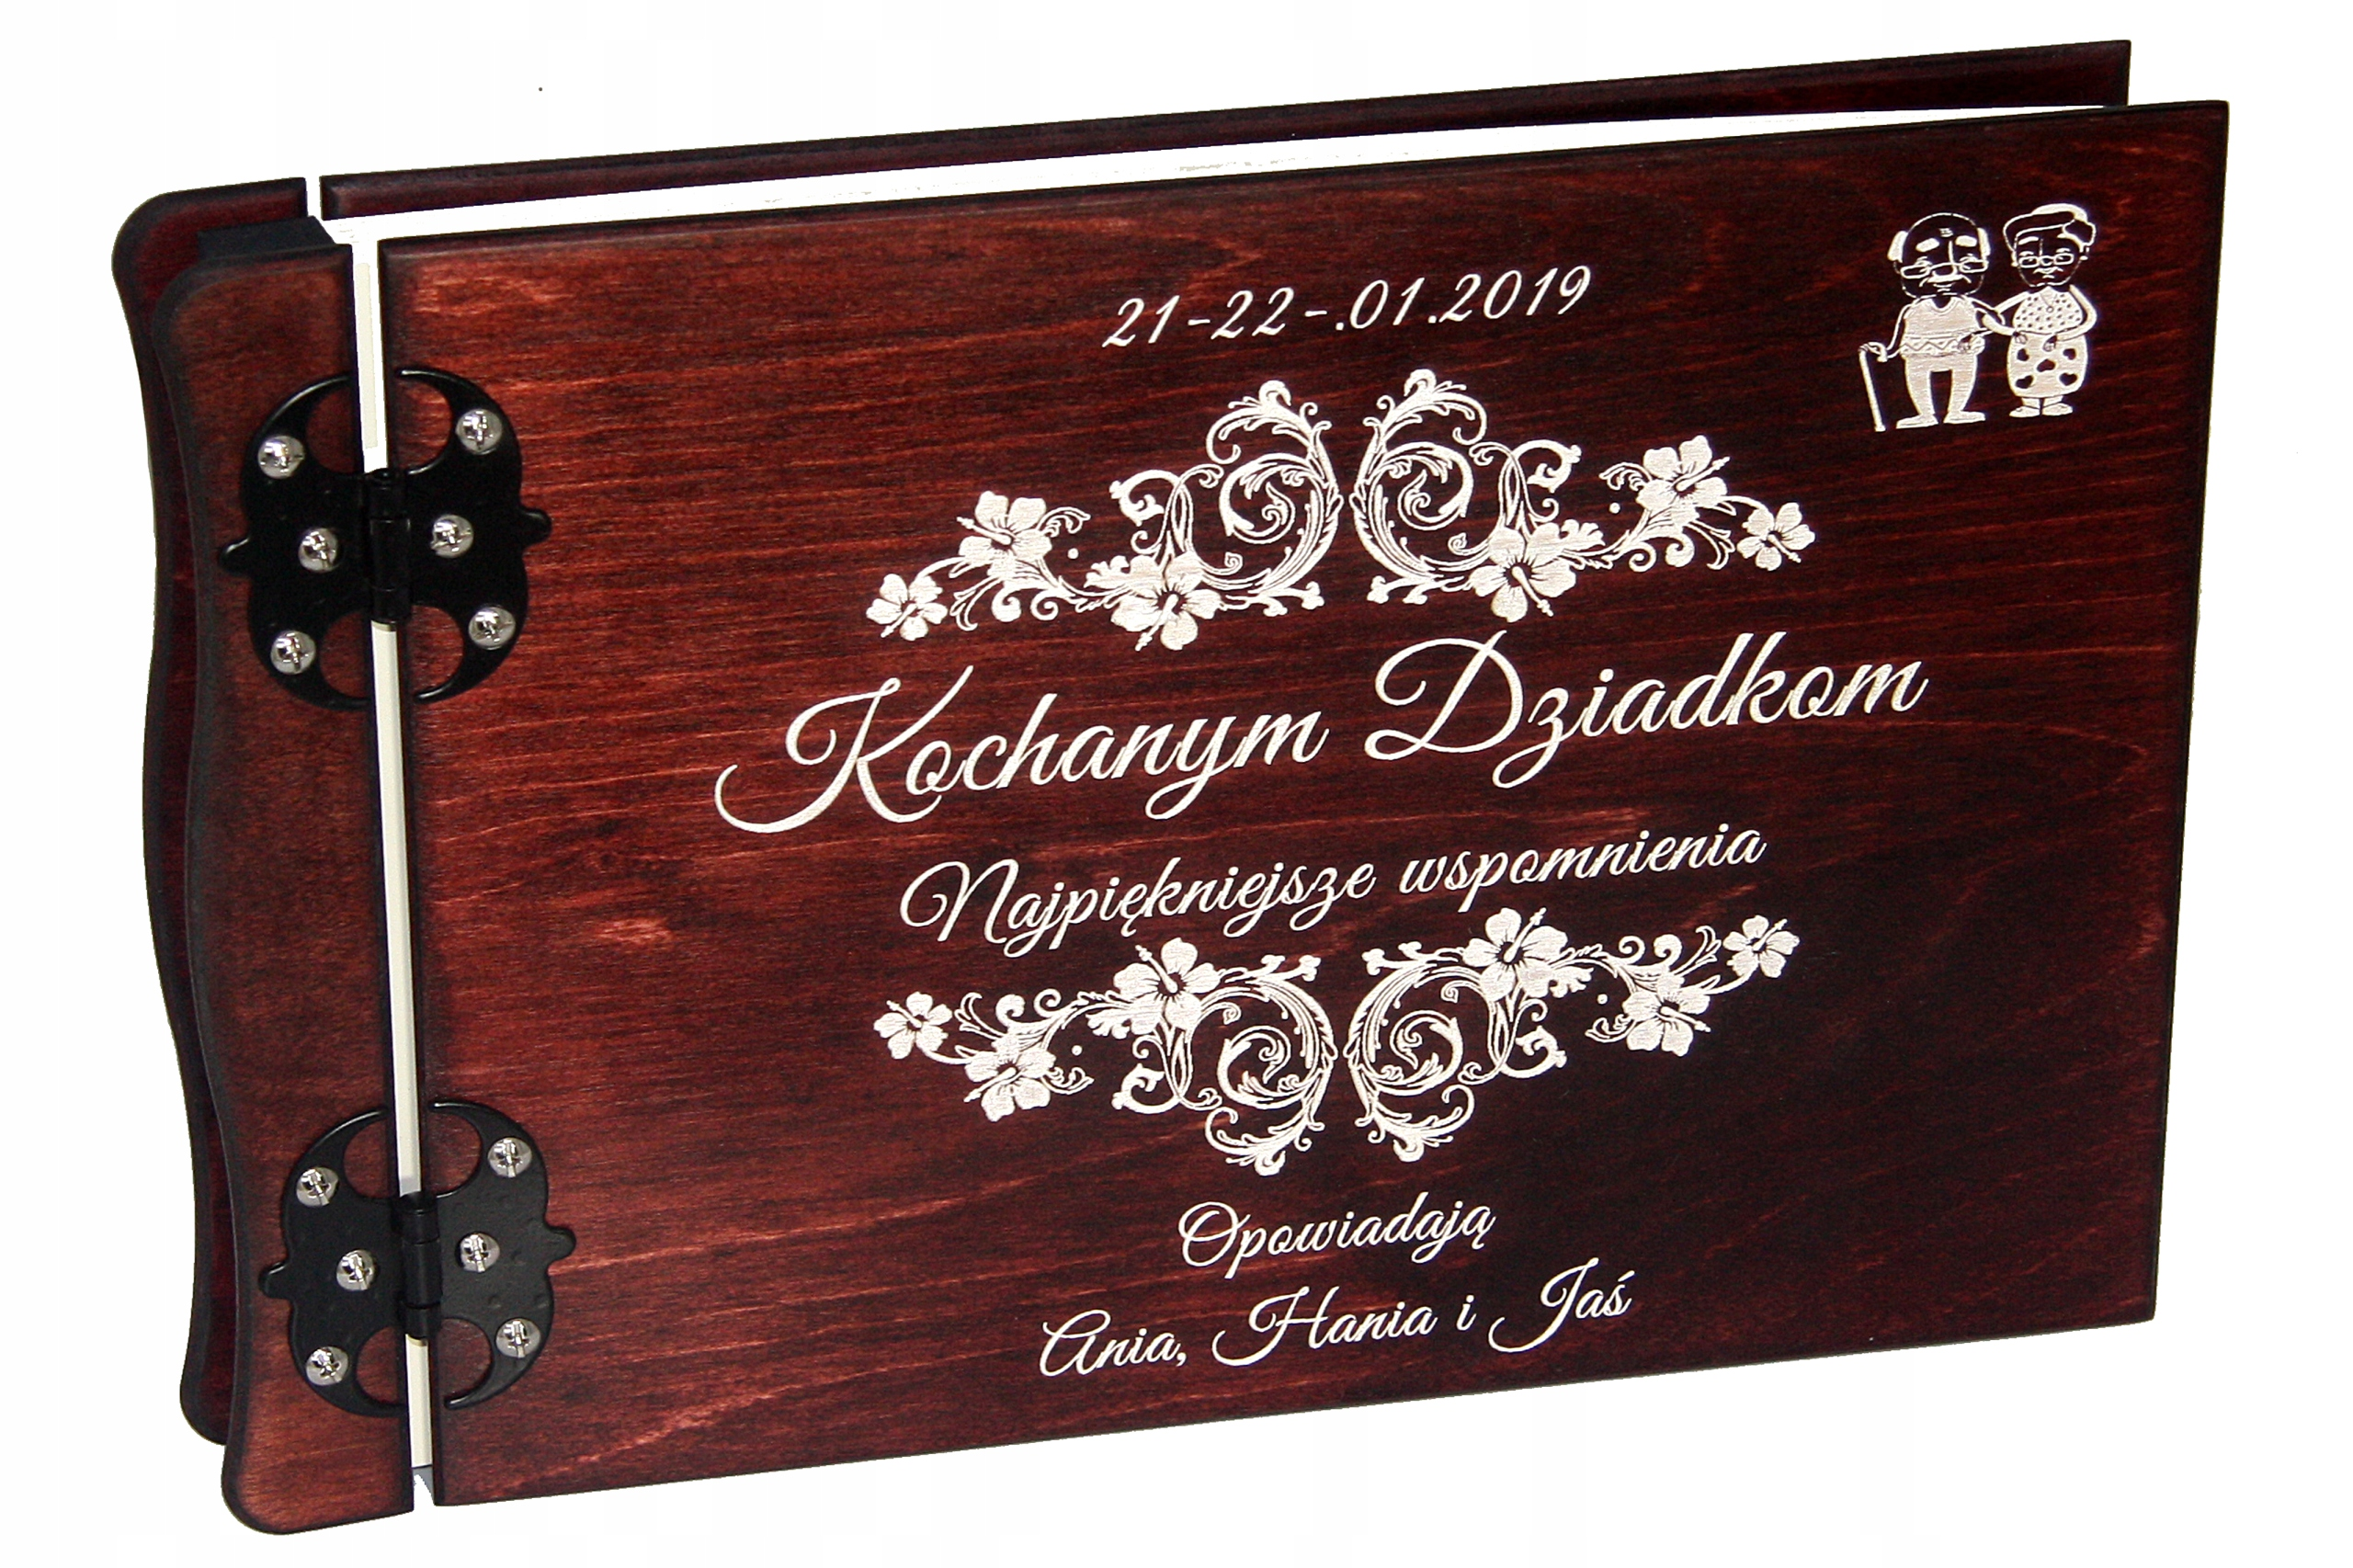 Album Drewniany Prezent Dla Babci Dzien Dziadka 7773820000 Sklep Internetowy Agd Rtv Telefony Laptopy Allegro Pl